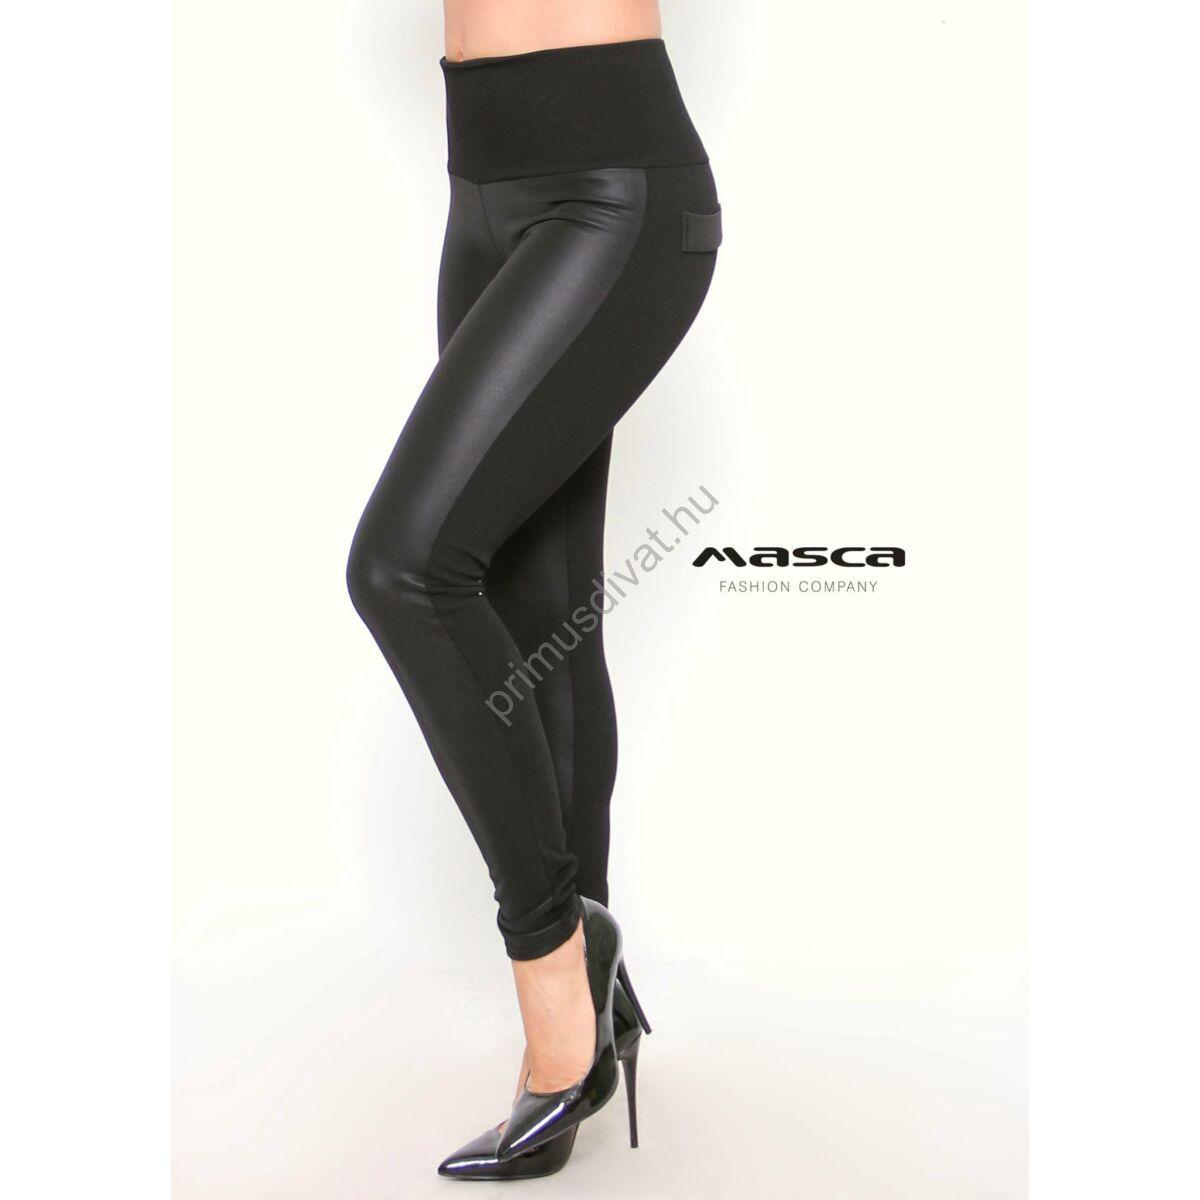 669564dfe Masca Fashion magas derekú műbőr elejű rugalmas fekete cicanadrág,  leggings, hátán zsebfedőkkel - Mf840-45